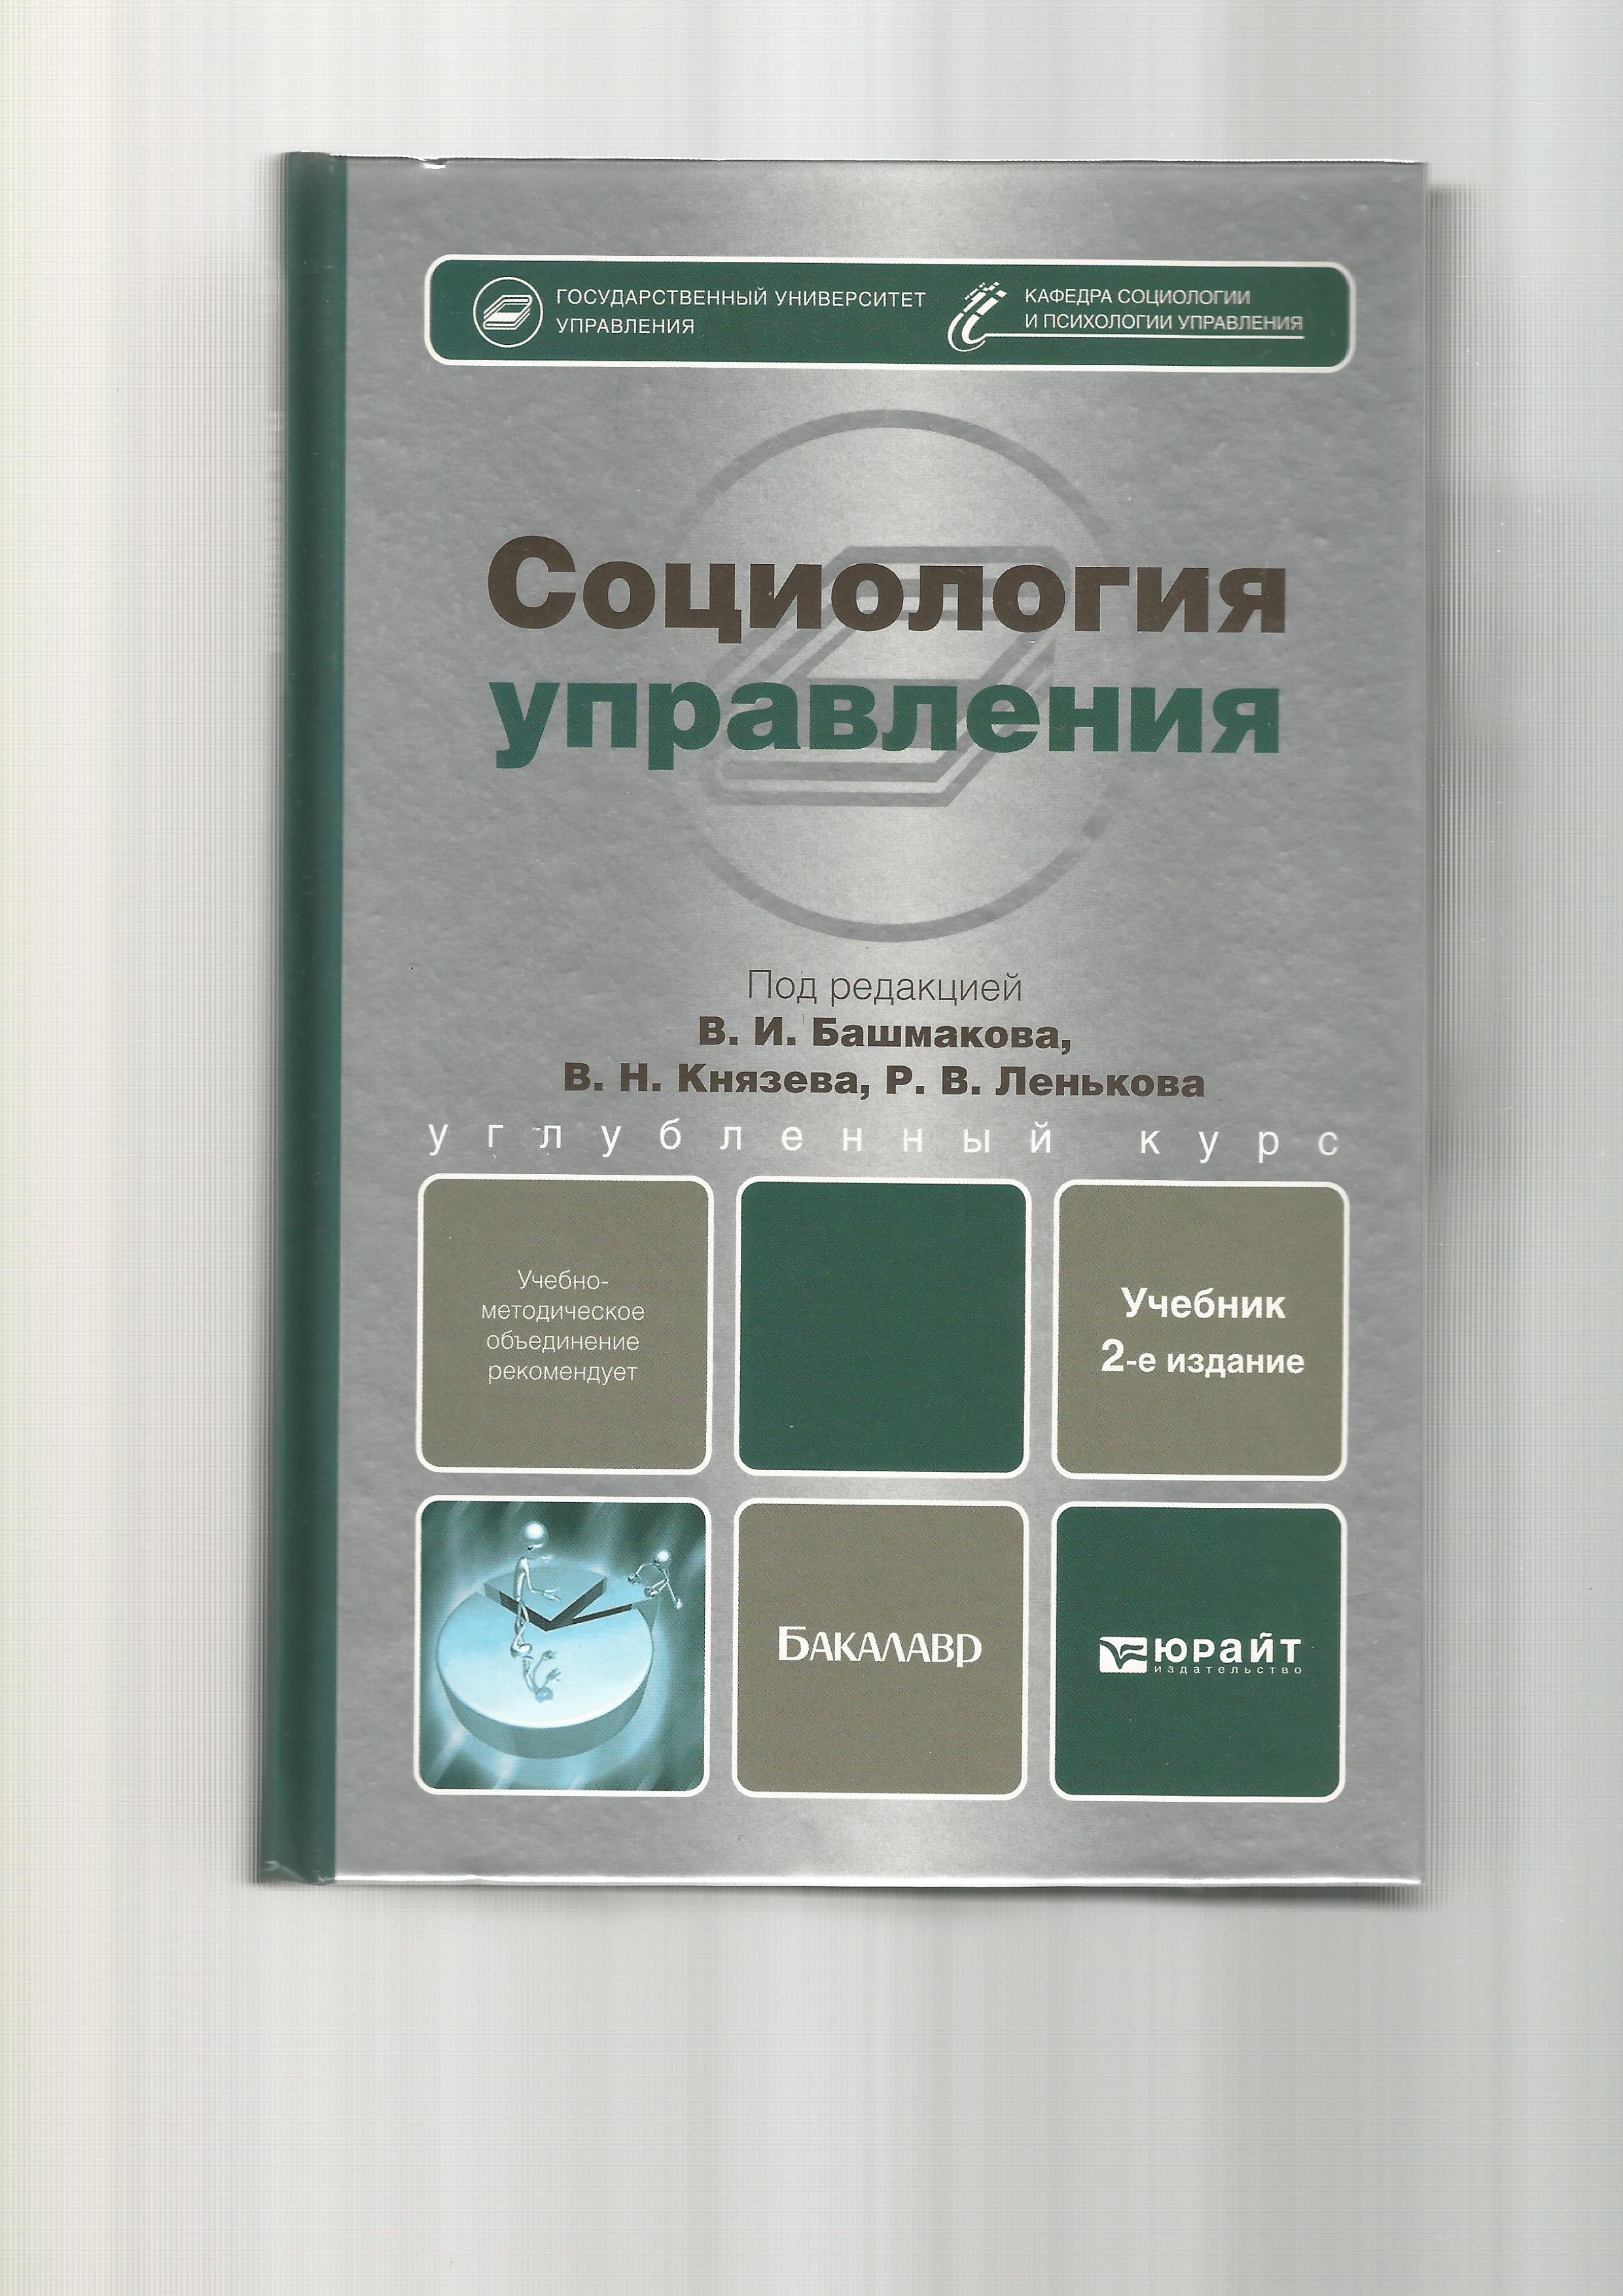 Cоциология управления: учебник для бакалавров